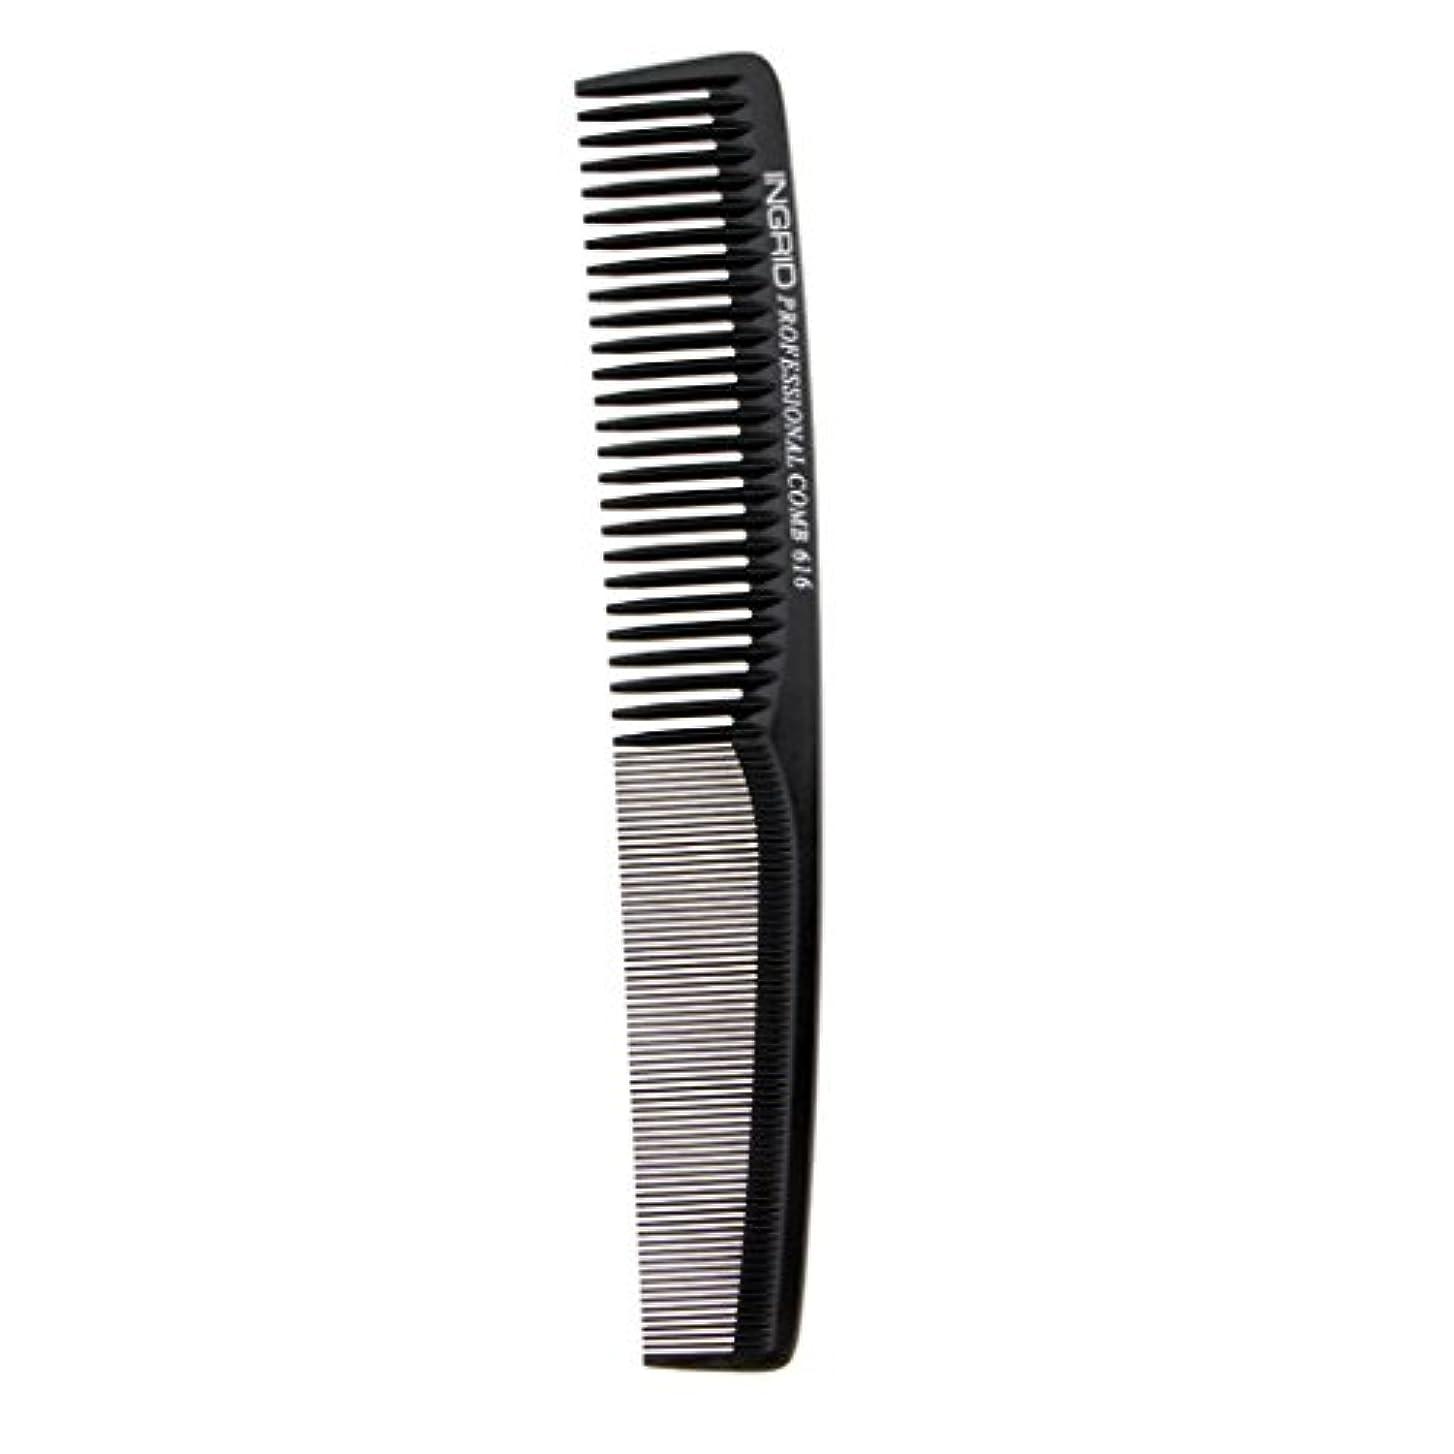 フォーカスファッションを通してFenteer ヘアカットコーム 櫛 コーム 理髪店 ヘアケア 便利 全5色  - ブラック